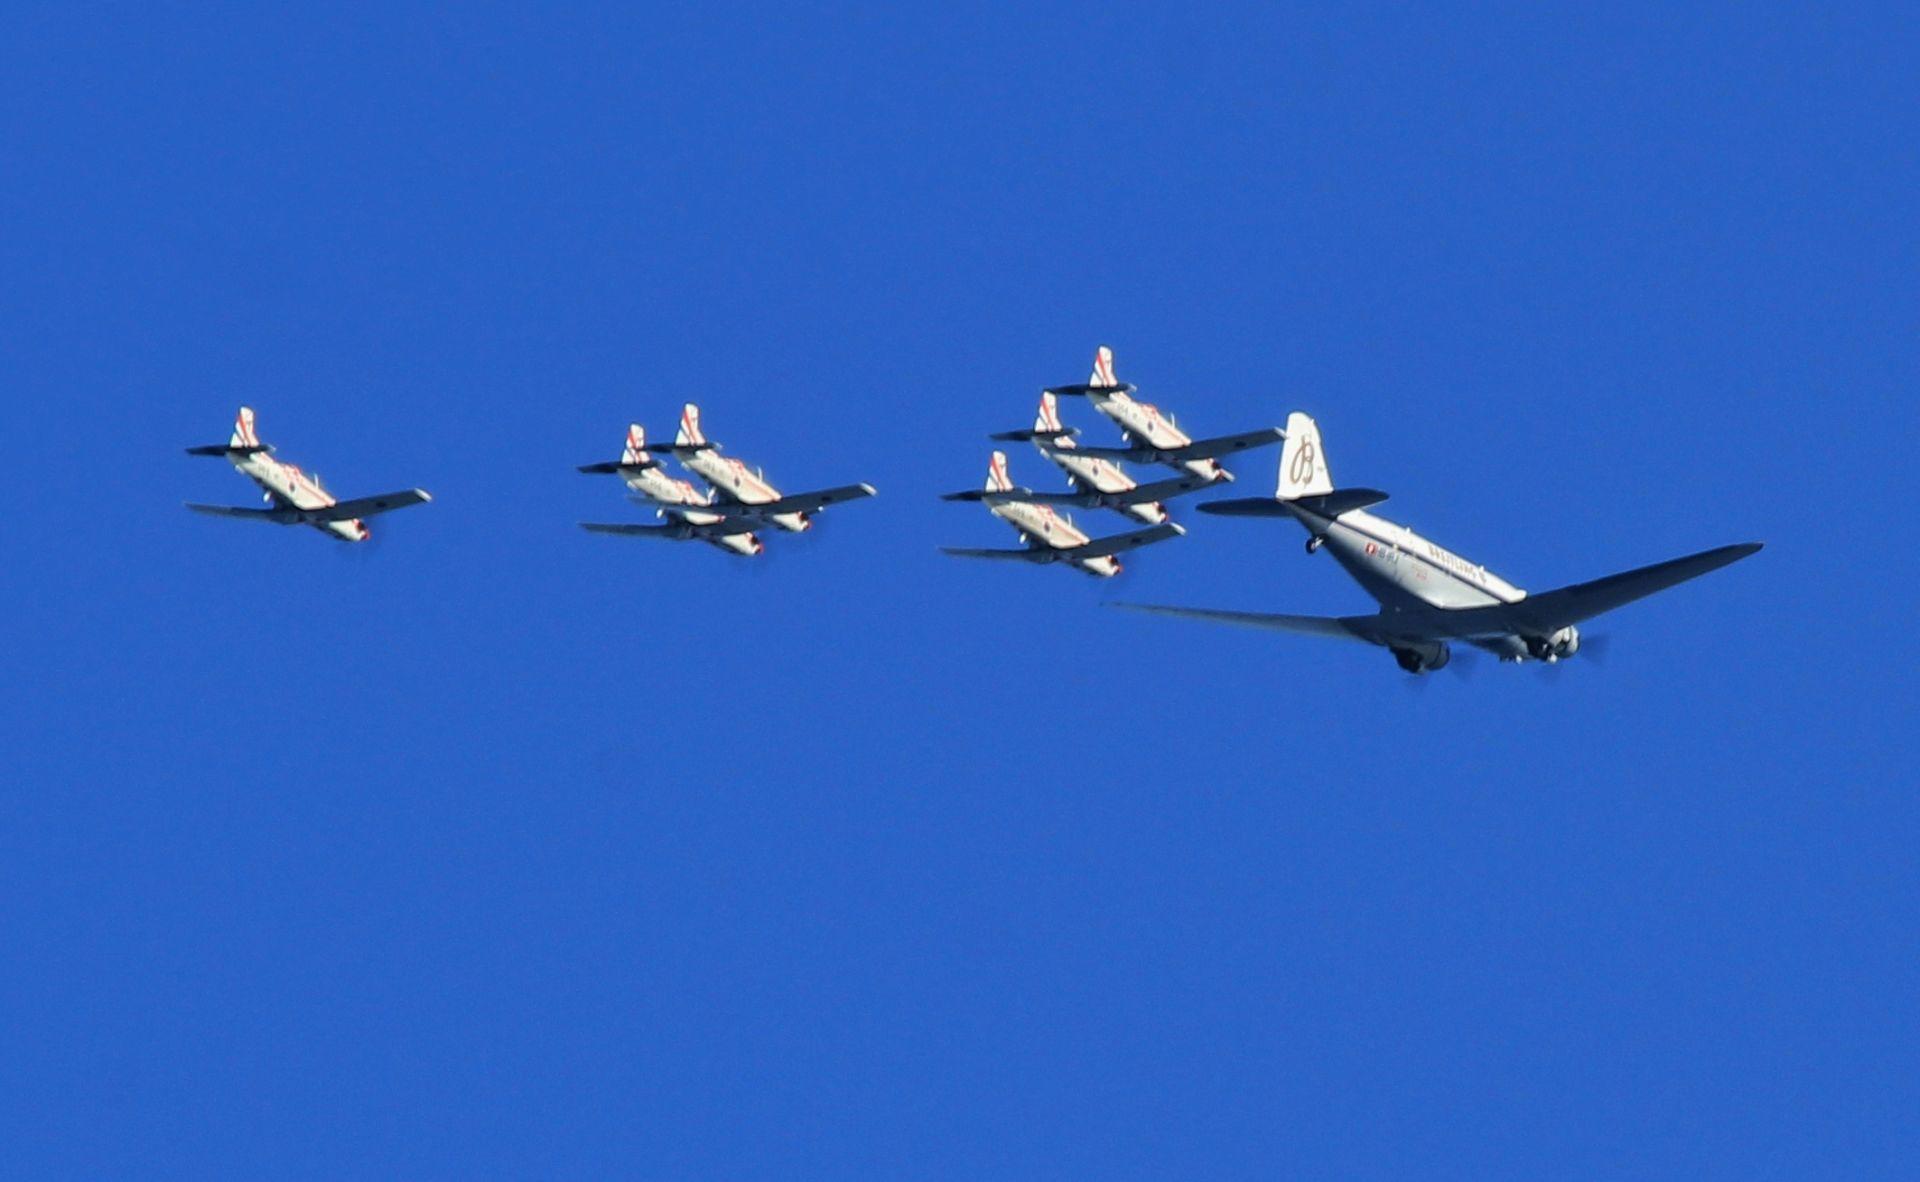 Saab vjeruje da će Hrvatska ubrzo donijeti odluku o borbenim zrakoplovima